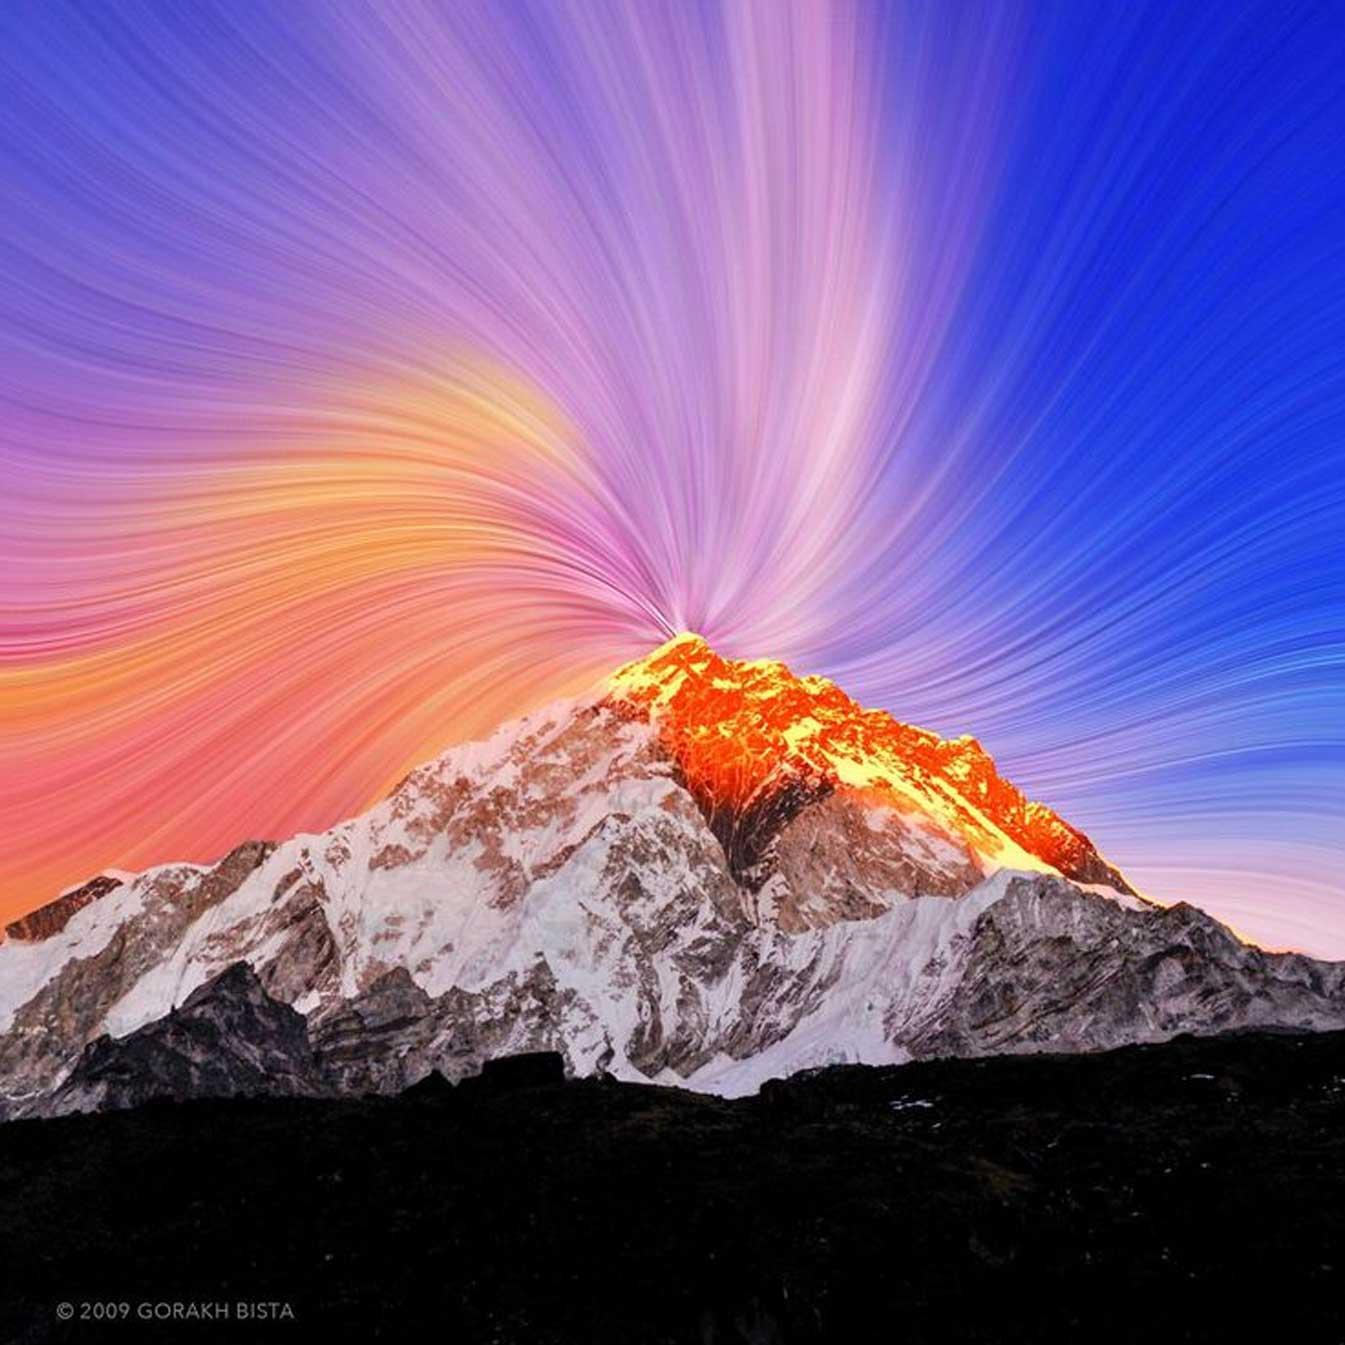 Sunset illusion over mountain